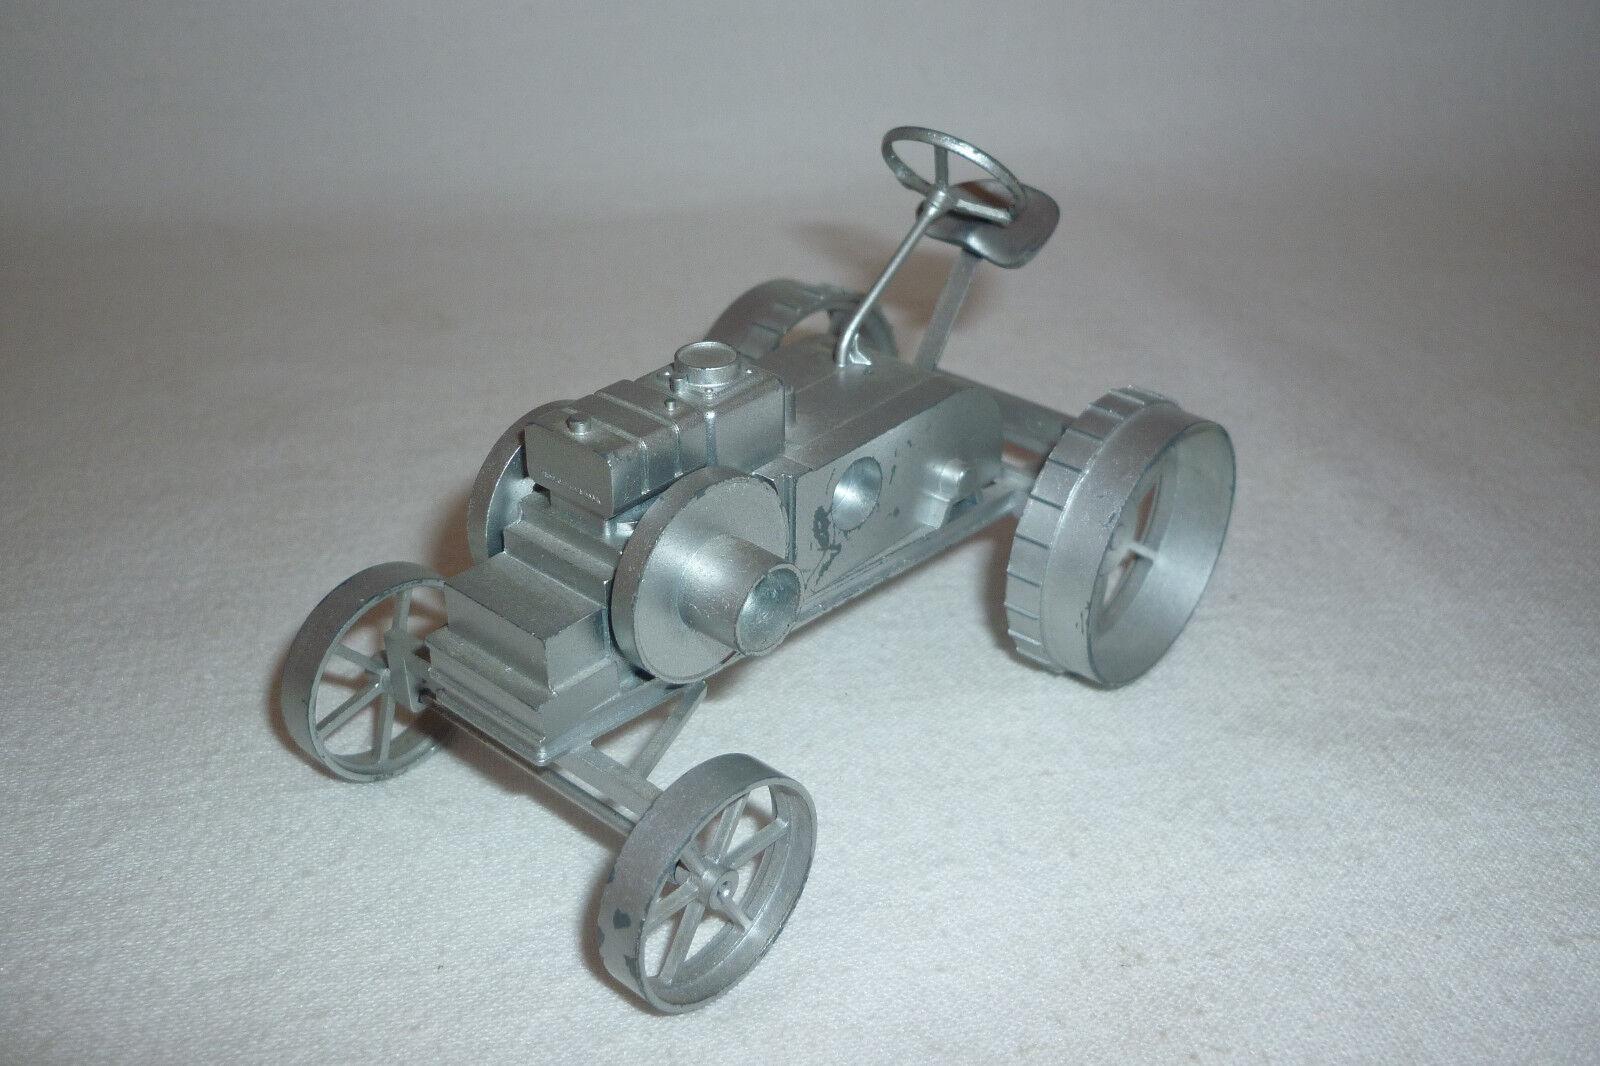 Cursor - ur-modell - mustermodell - 780 - Fendt - Dieselross 1930 (3.bm-22)